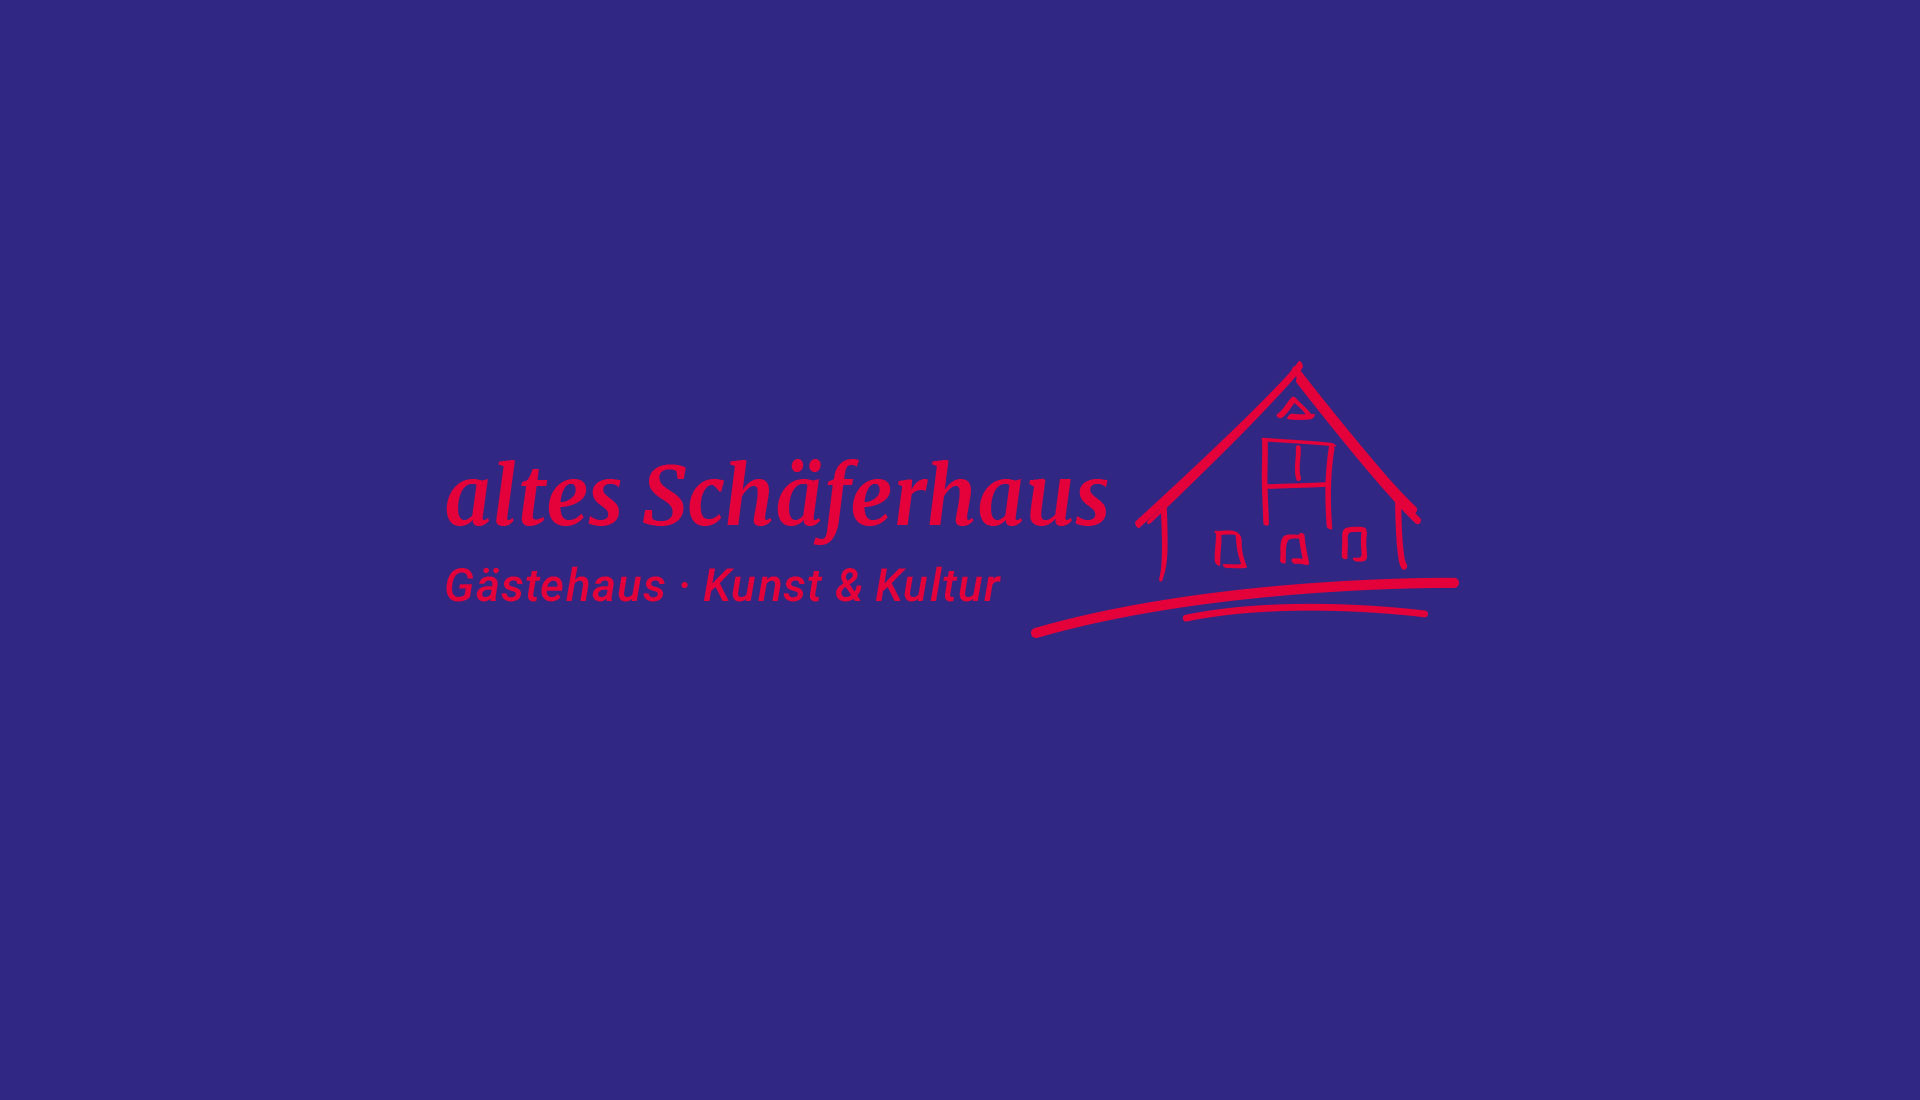 altes-schaeferhaus-logo